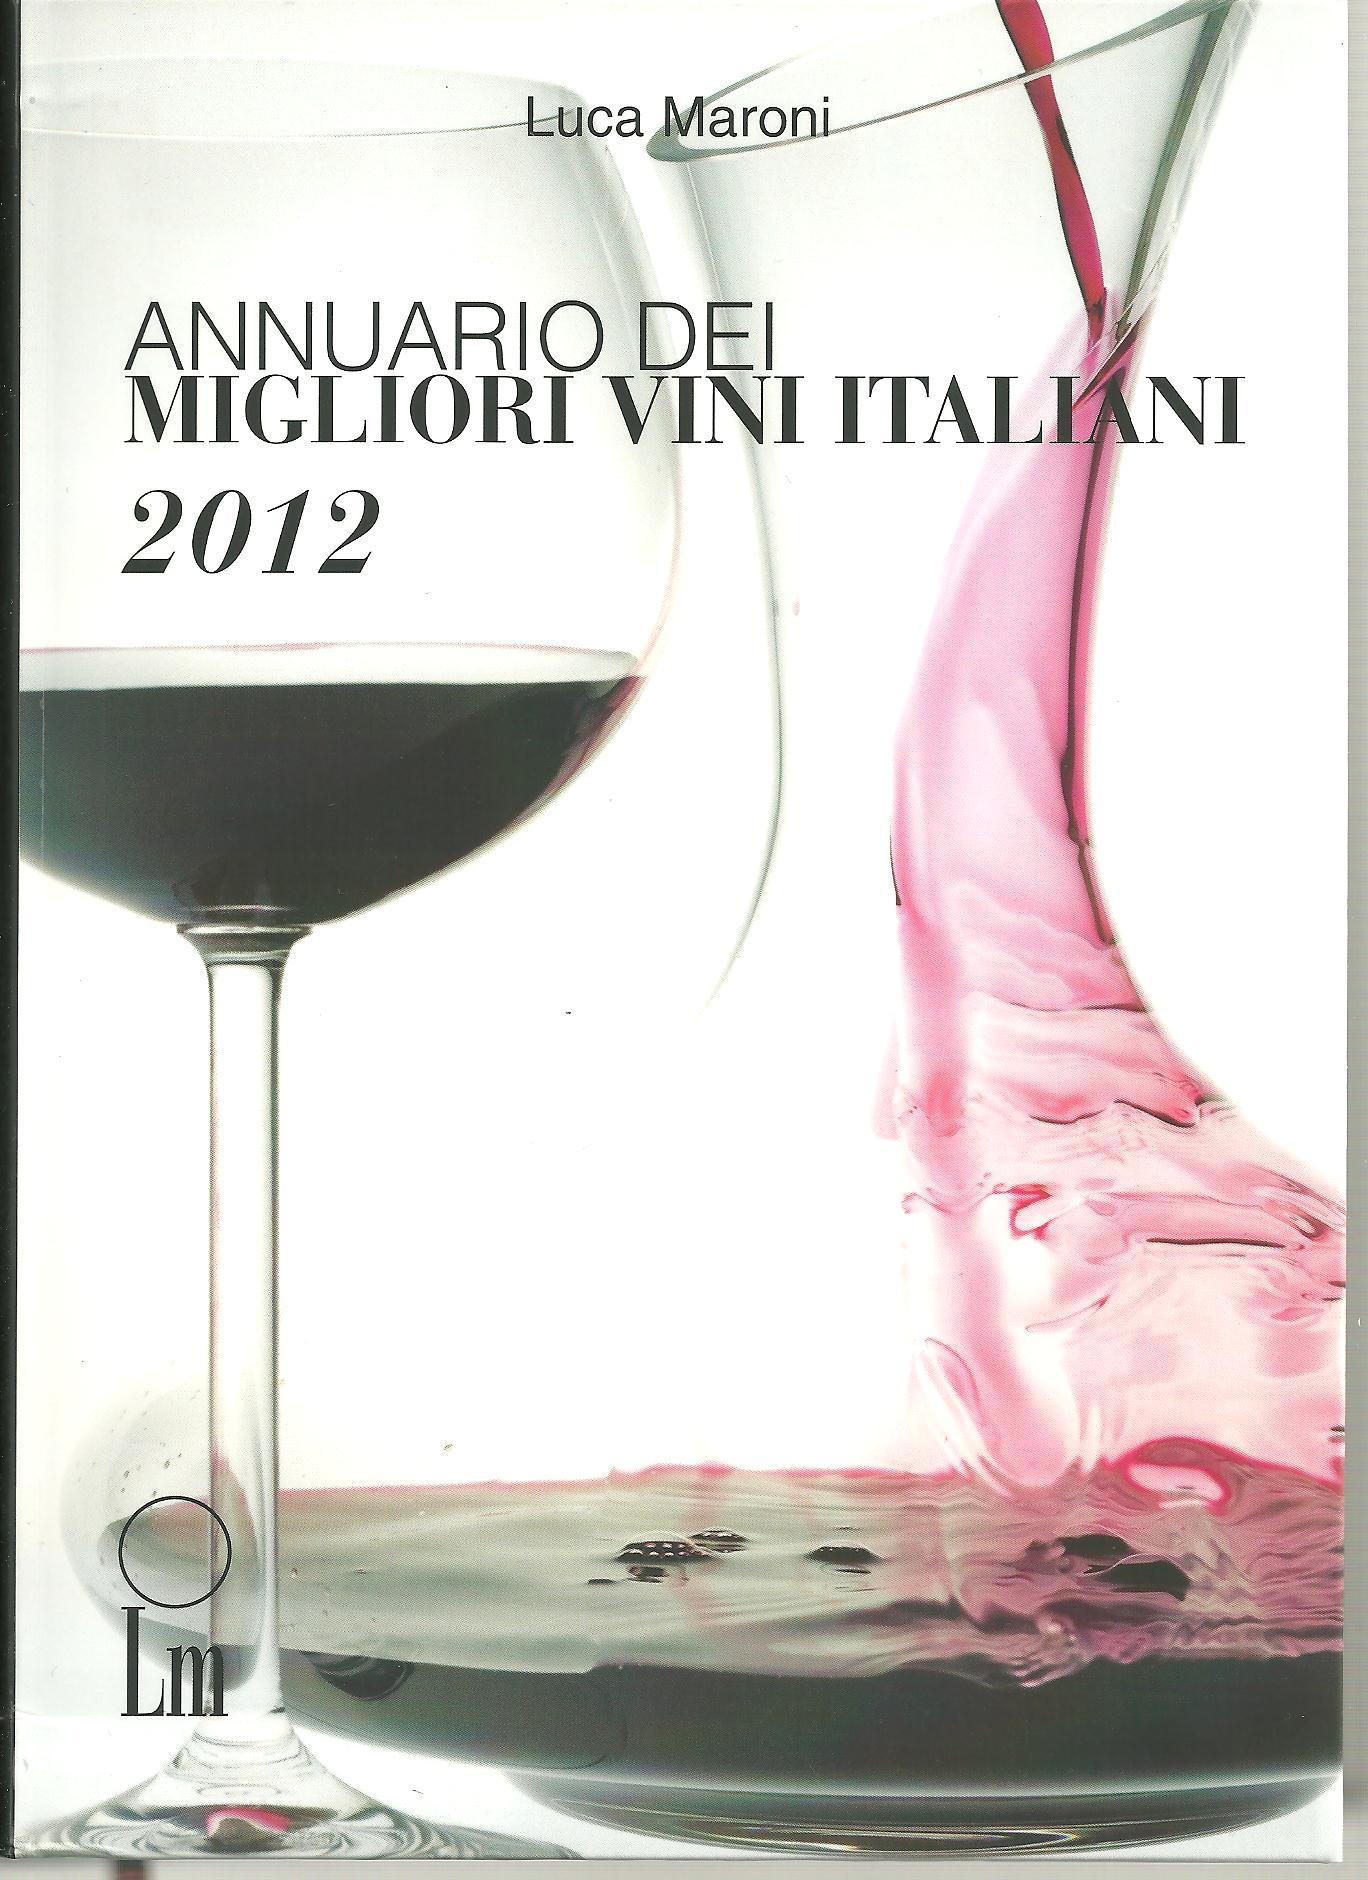 20111201-luca-maroni-annuario-dei-migliori-vini-italiani-2012